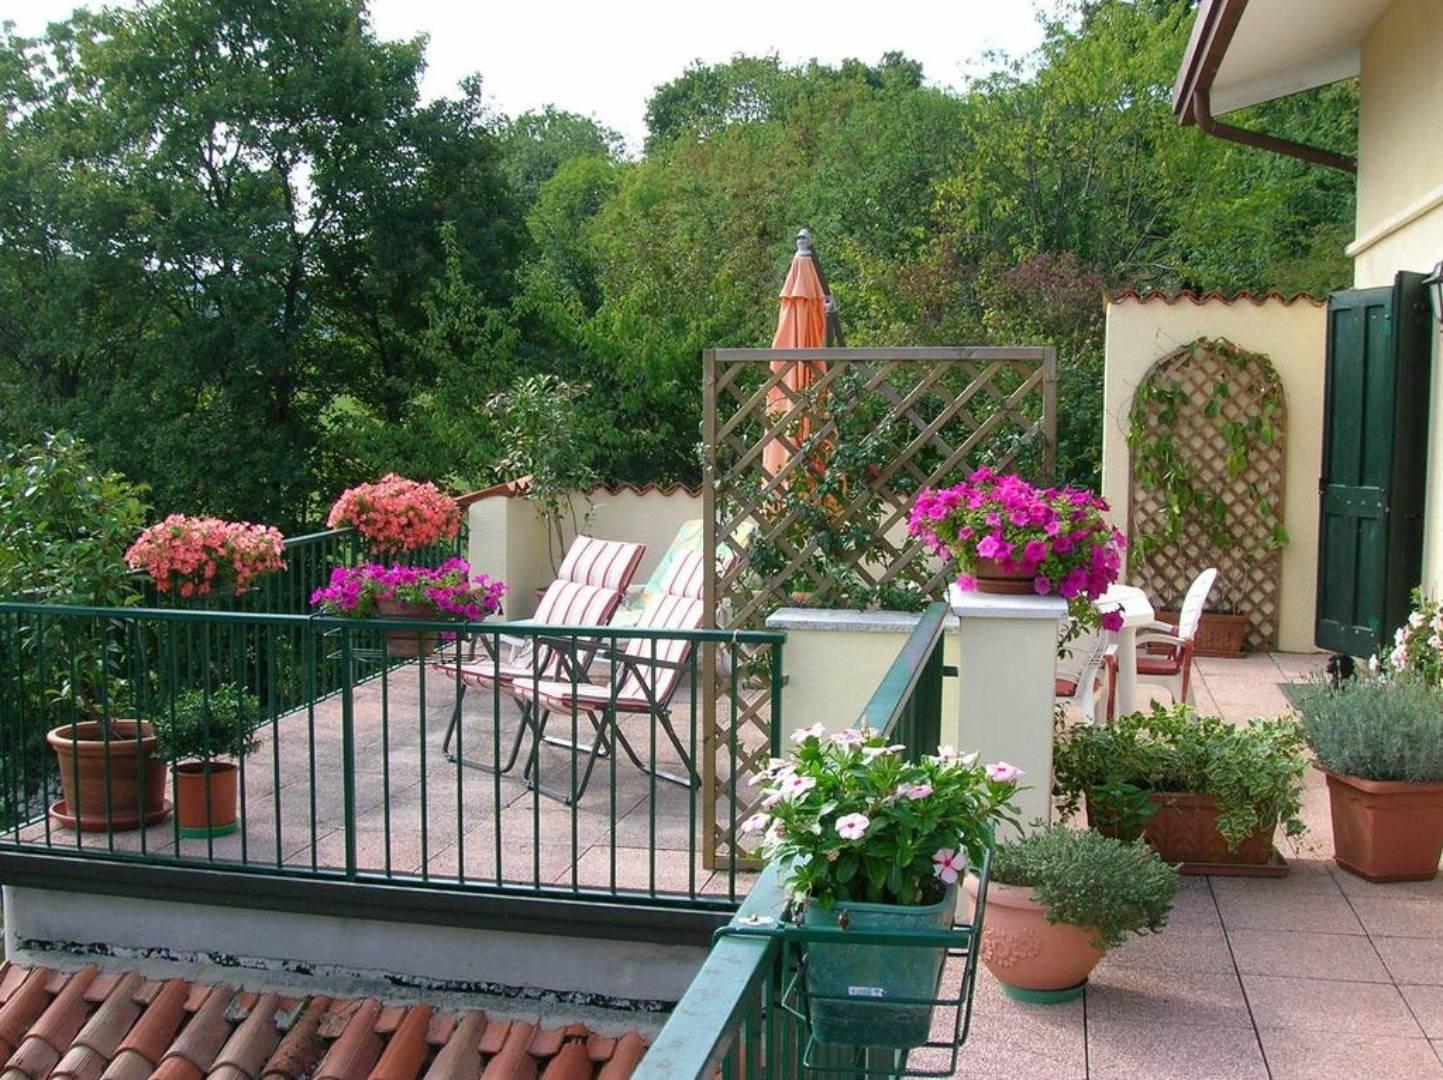 A close up of a flower garden at B&B Il Suono Del Bosco.